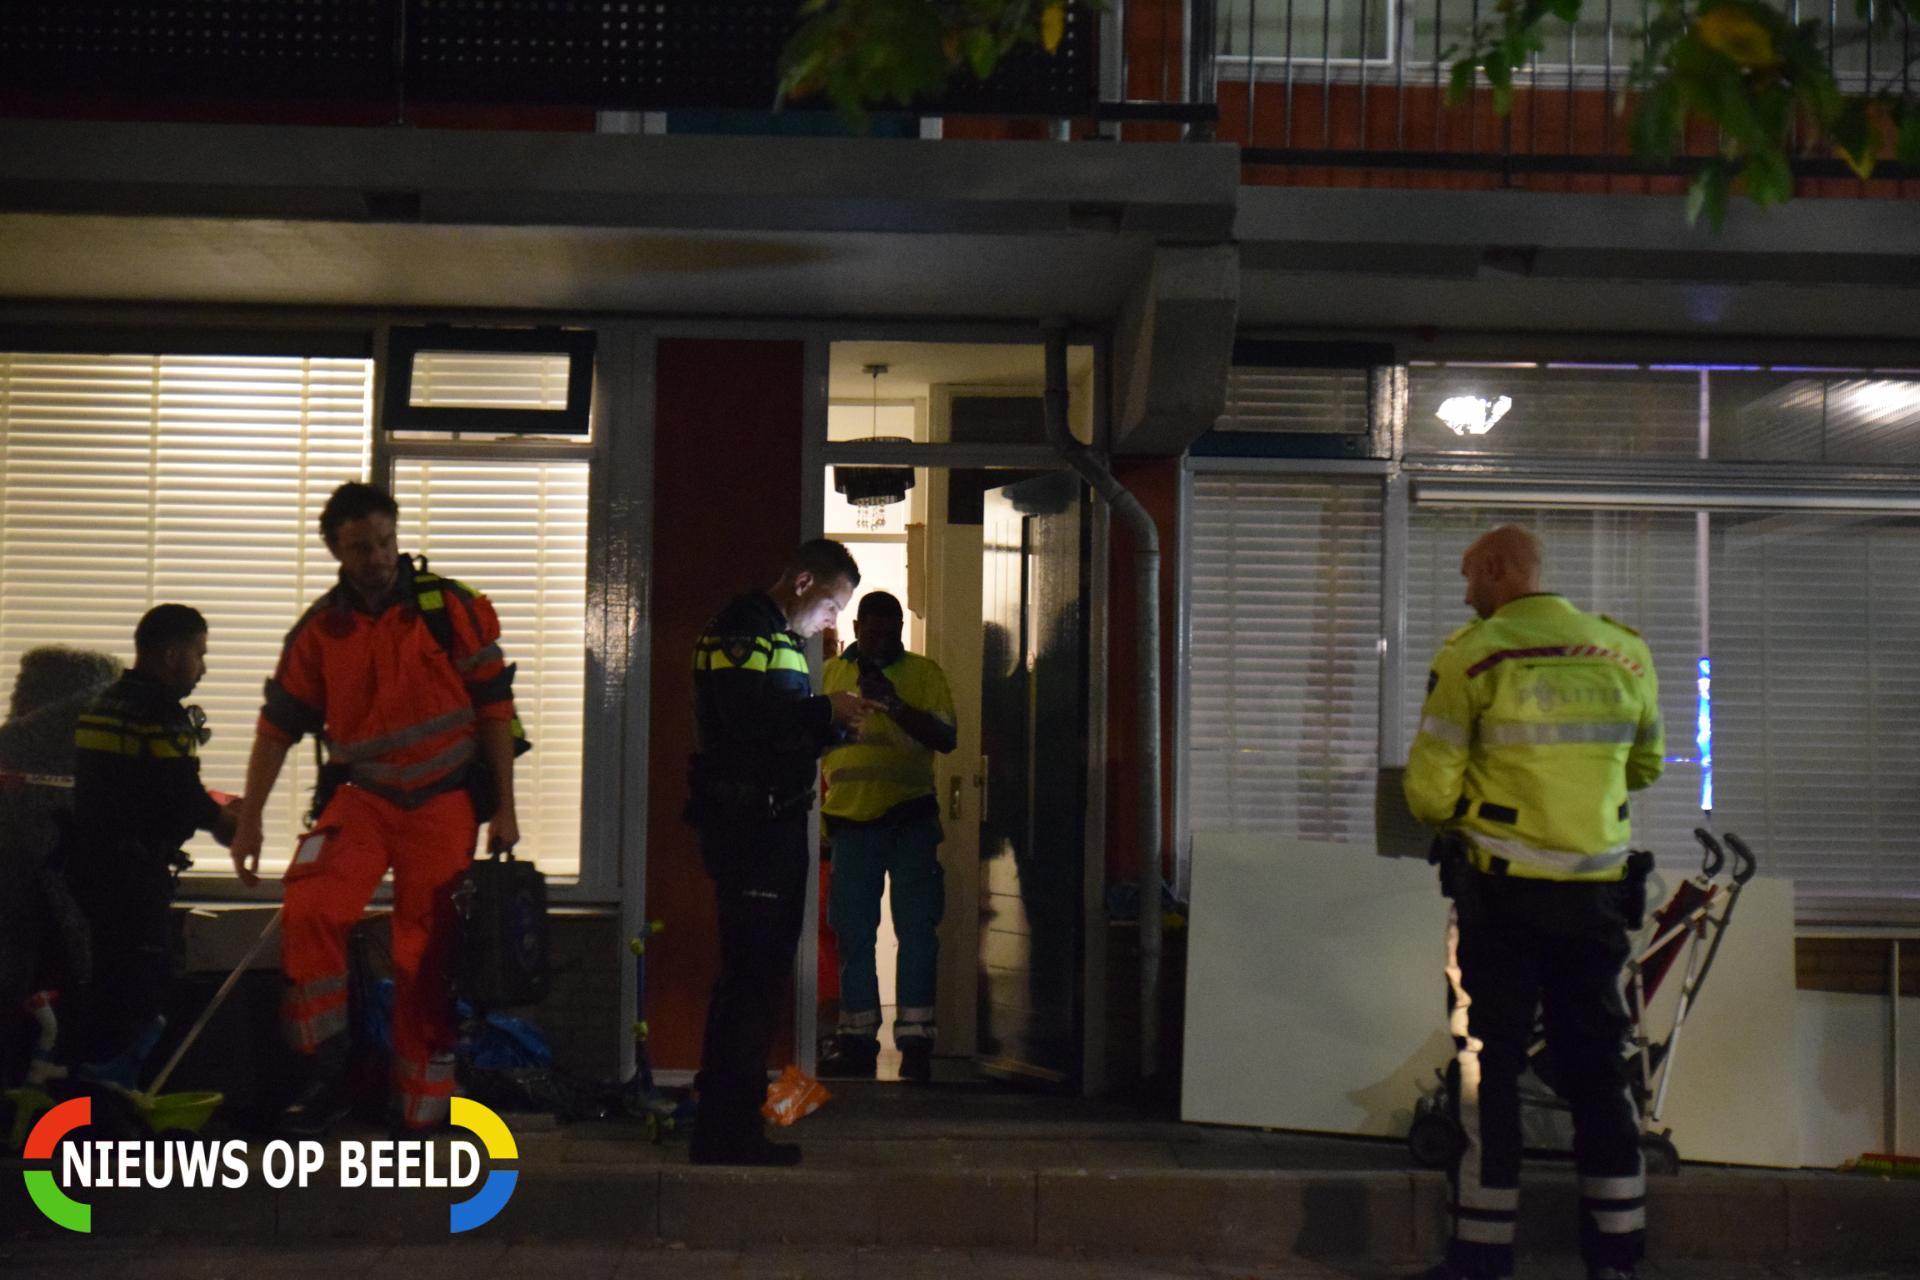 Overleden man Linker Rottekade Rotterdam: doodsoorzaak nog onduidelijk